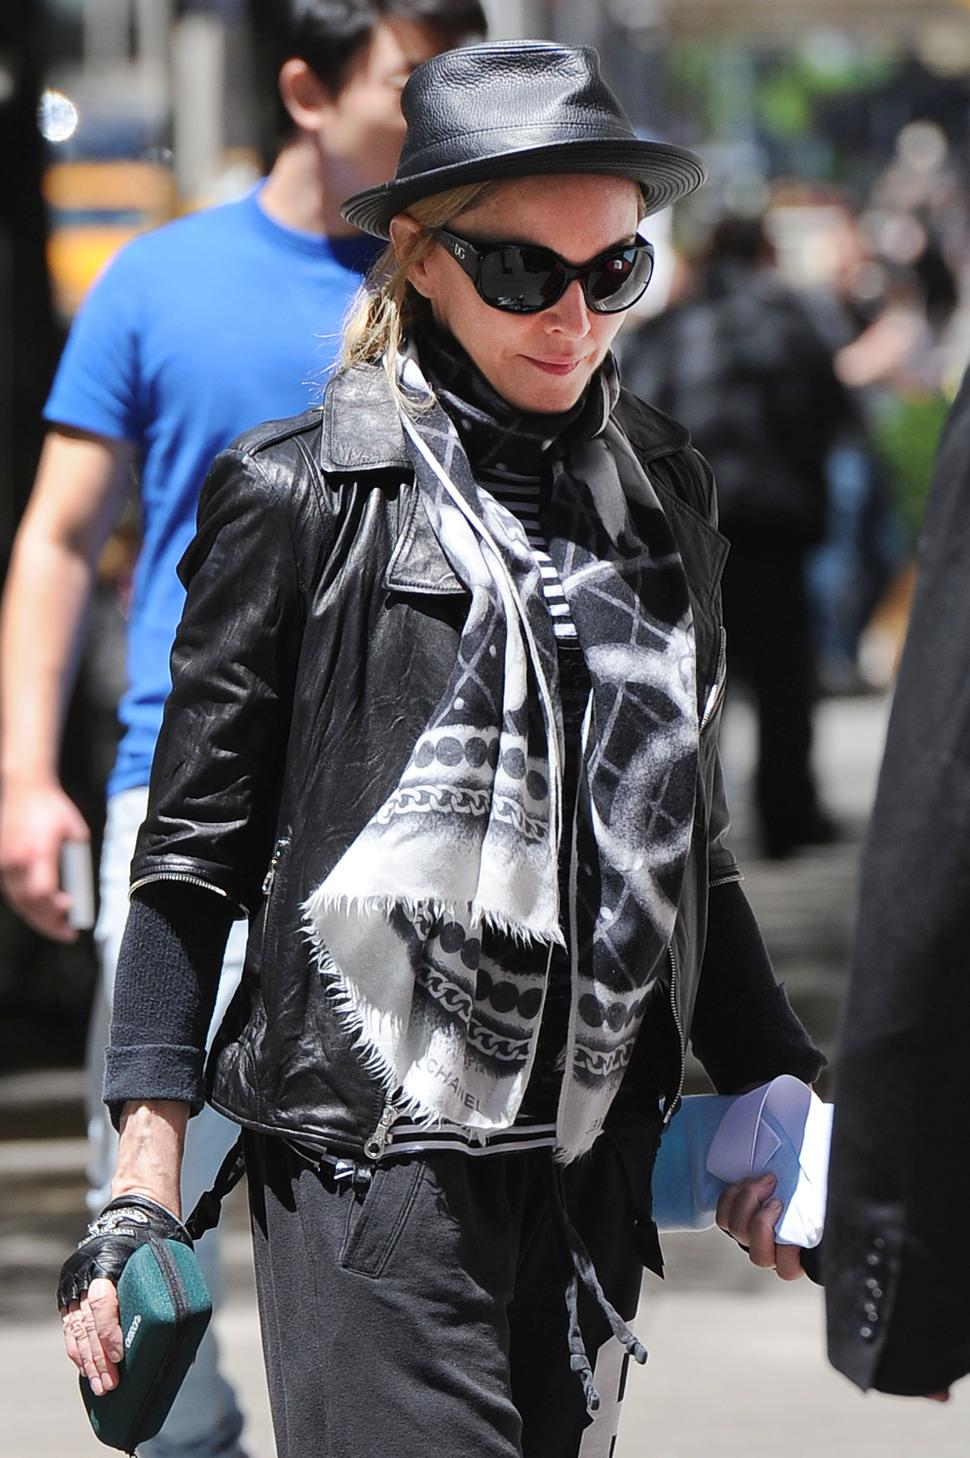 Фото с обнаженной Мадонной было продано за 15 тысяч фунтов-стерлингов